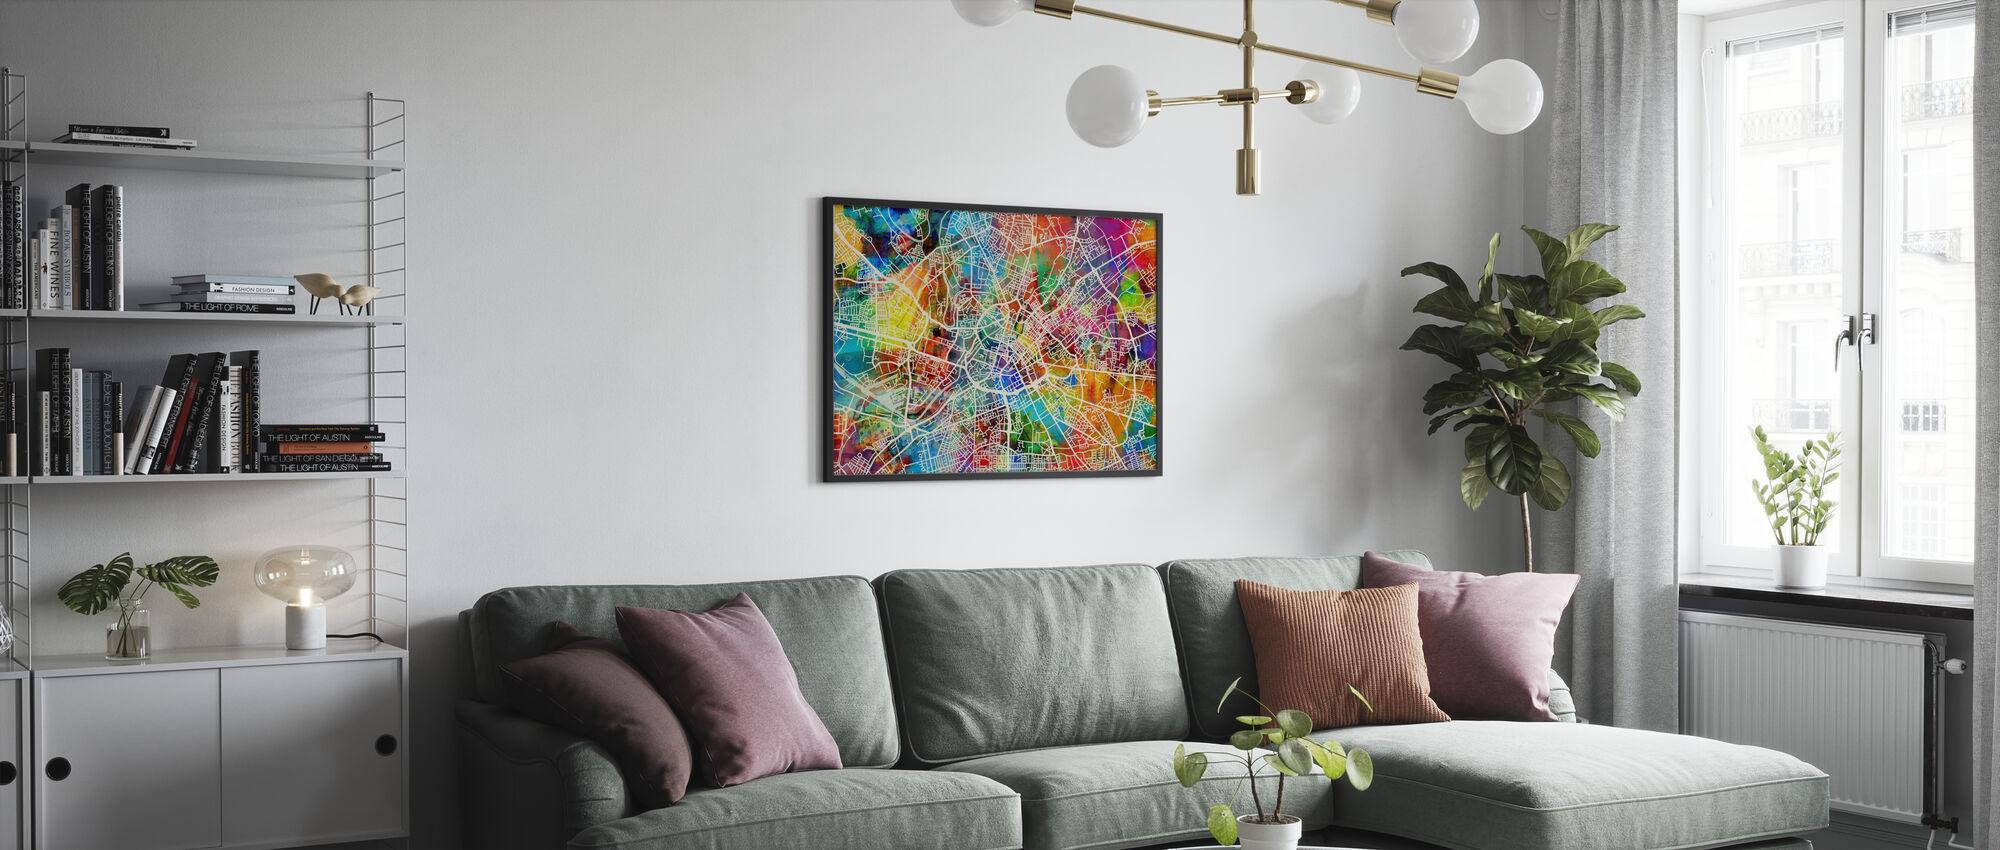 Manchester Street Kartta Multicolour - Kehystetty kuva - Olohuone